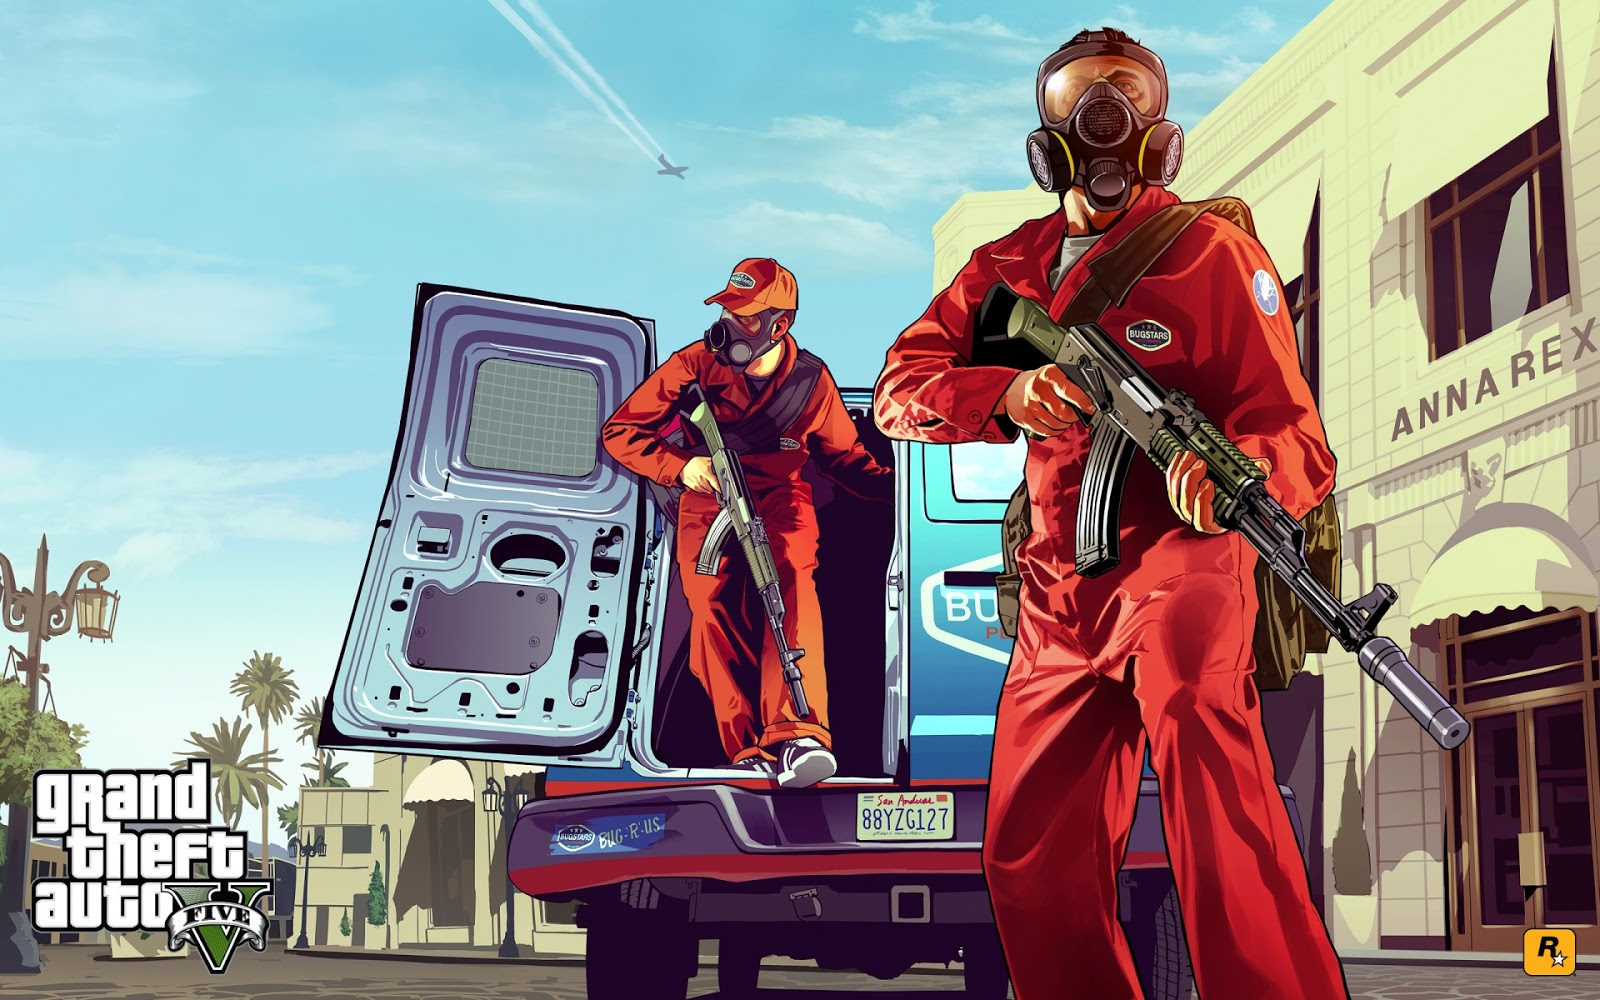 Hintergrundbilder Hd Grand Theft Auto 5 Hintergrundbilder Hd